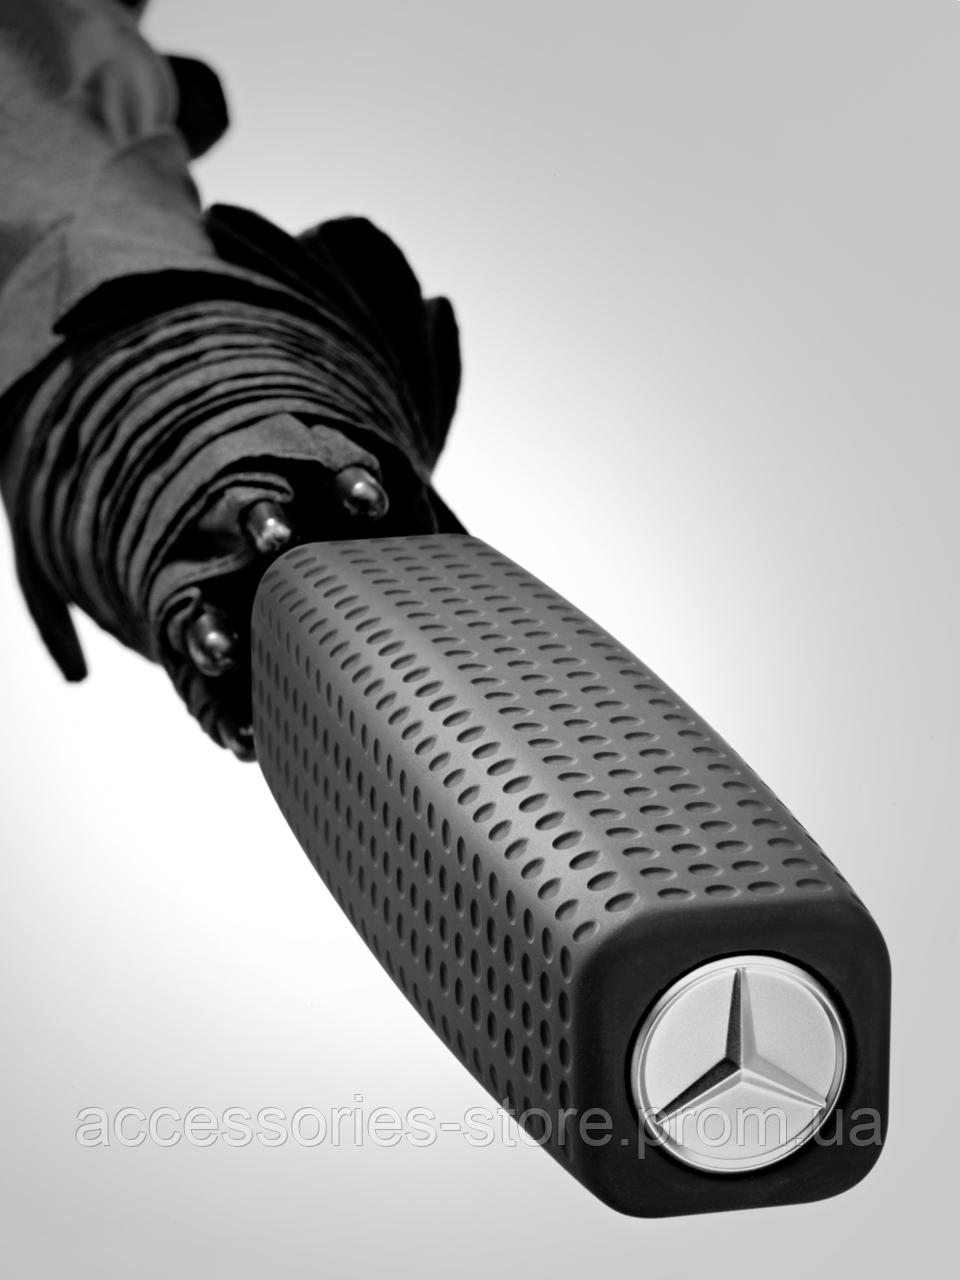 Зонт-трость Mercedes-Benz Golf Stick Umbrella Black